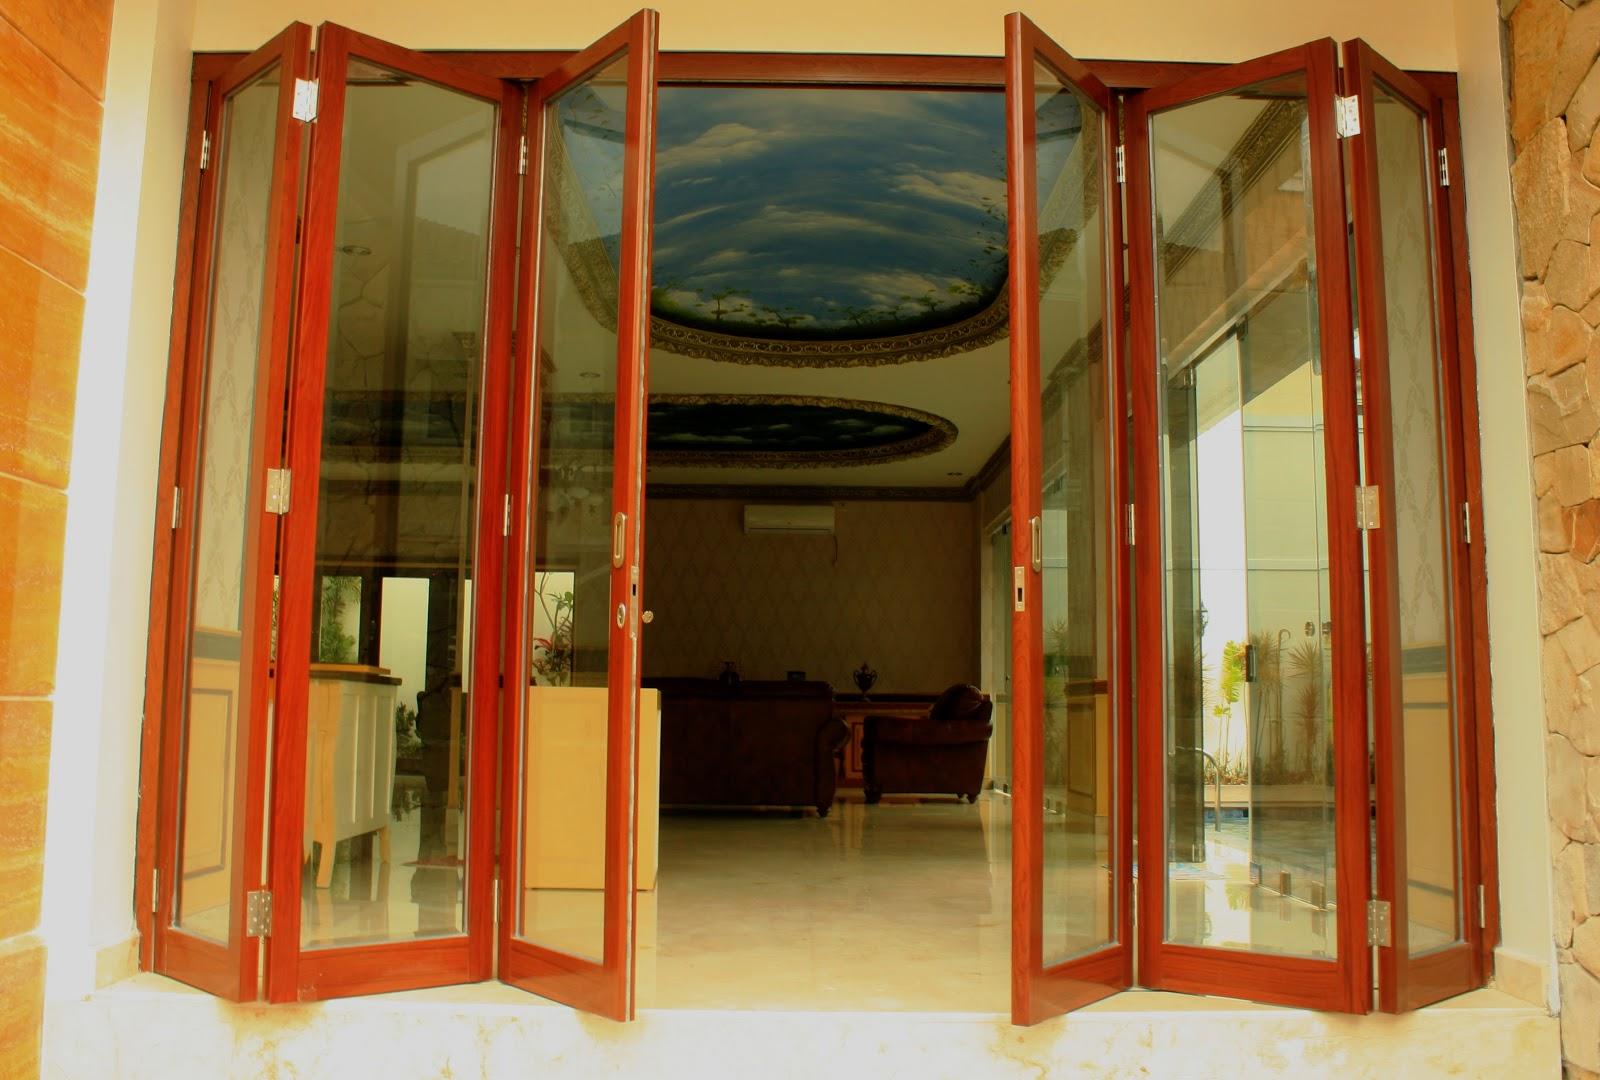 Sari Nugraha Aluminium&Kaca Construction: Pintu lipat ...